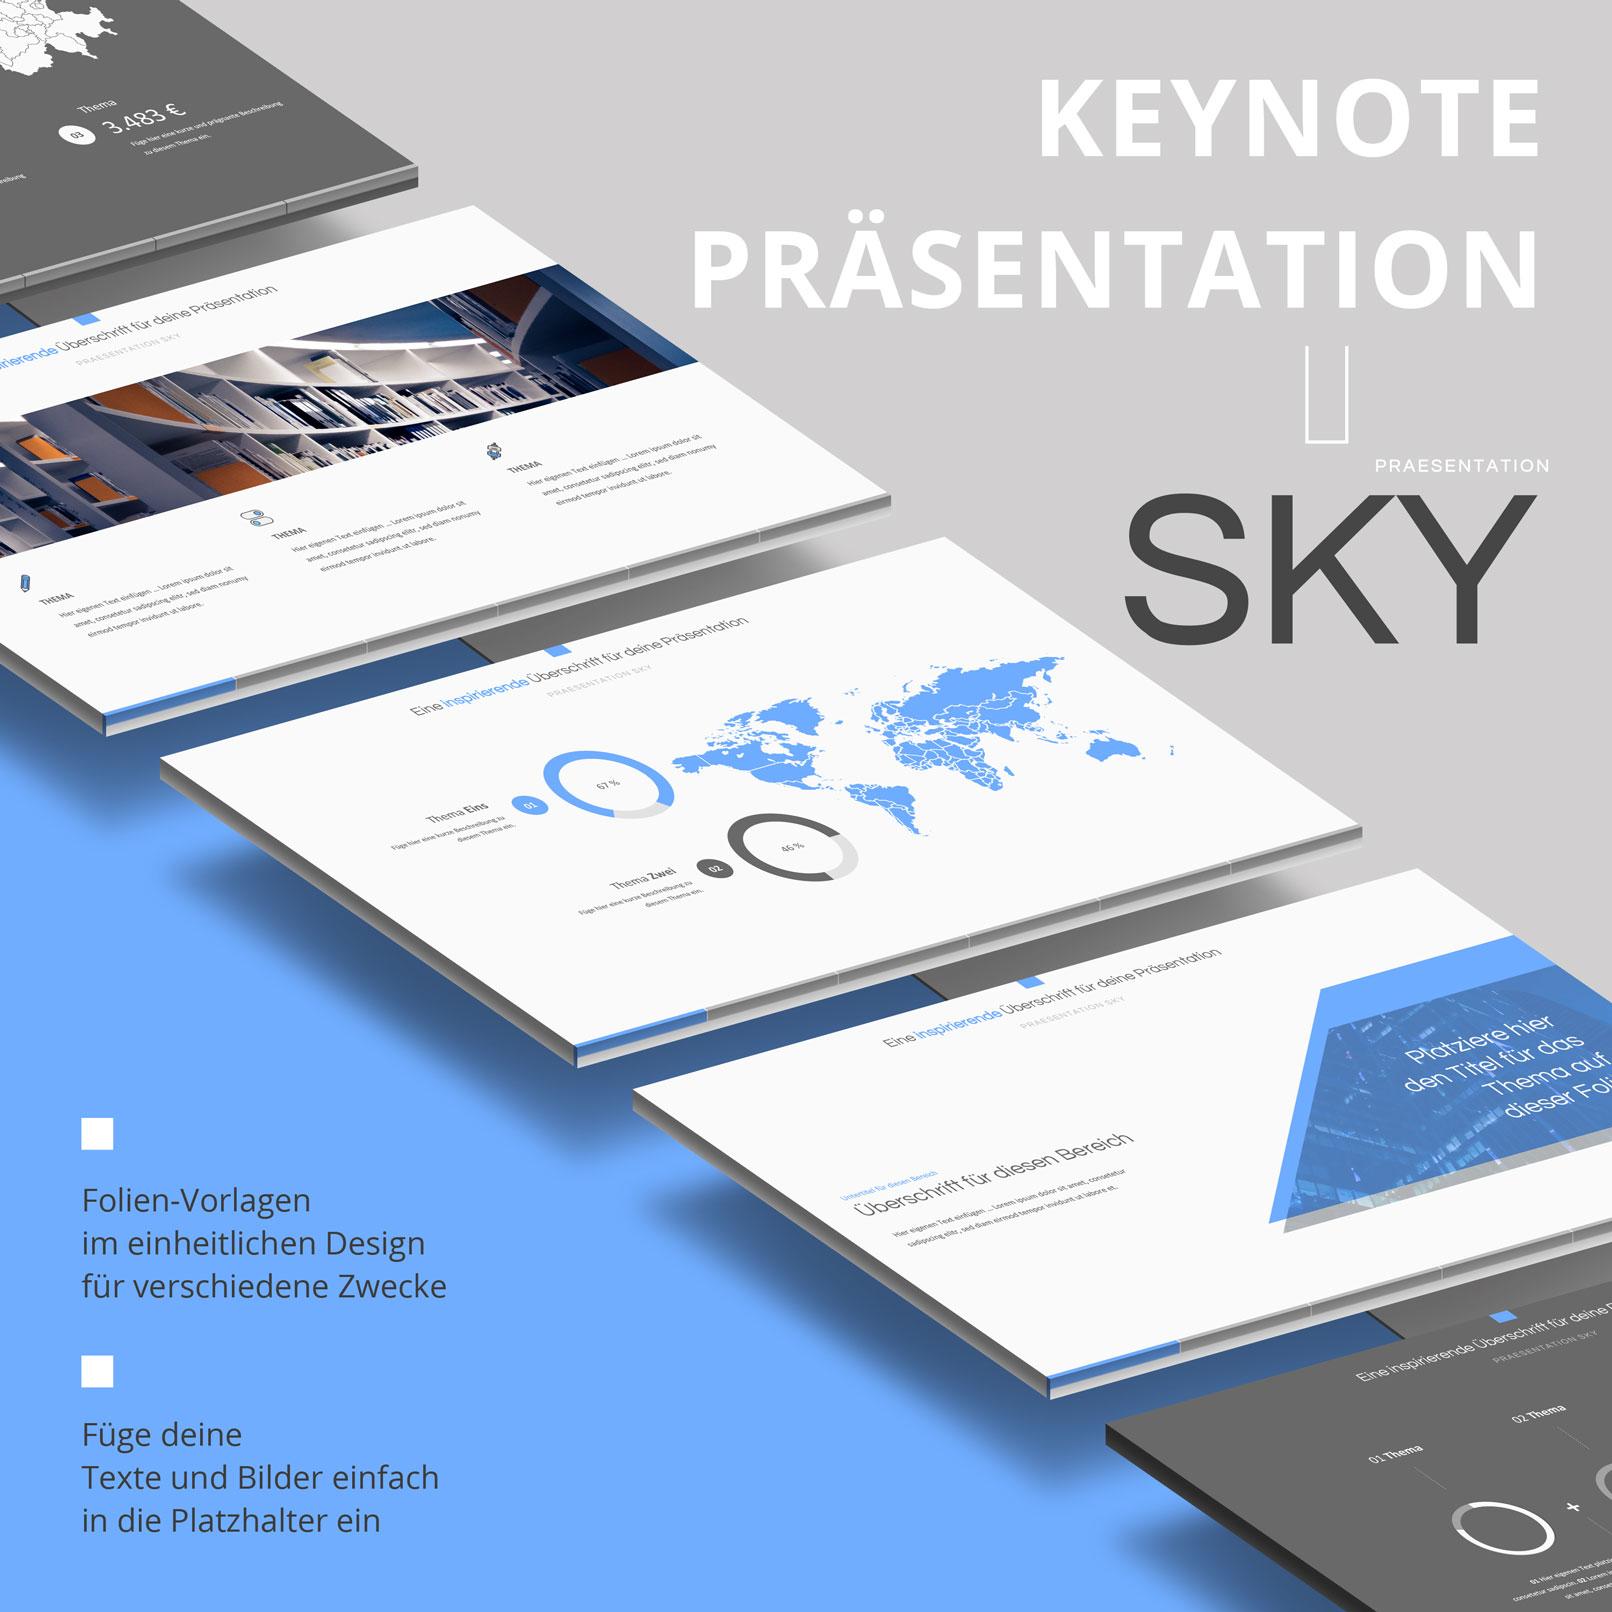 Vorlage für Keynote-Präsentationen: verschiedene Layouts